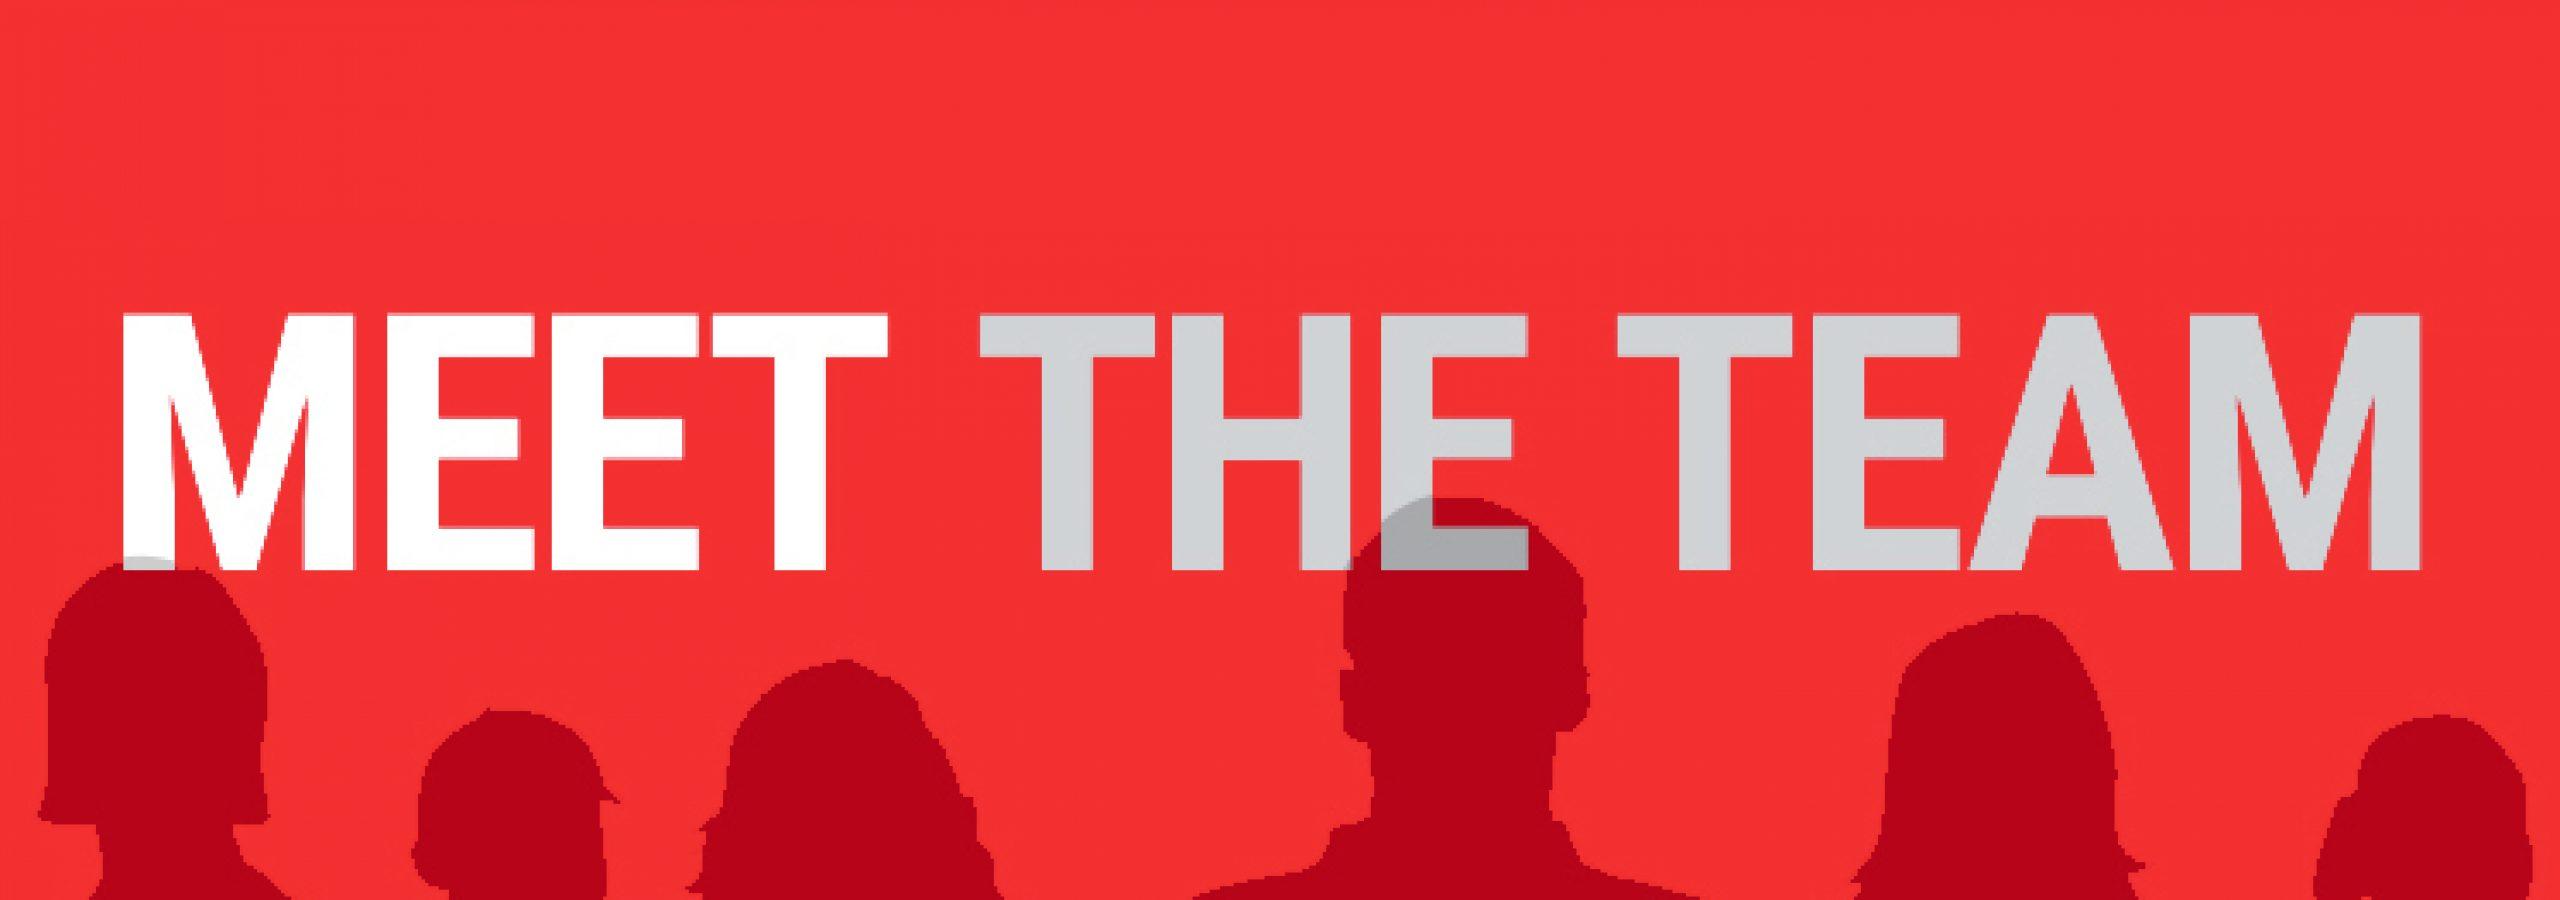 H&T Batteries | Meet the Team- Melvin Ireland